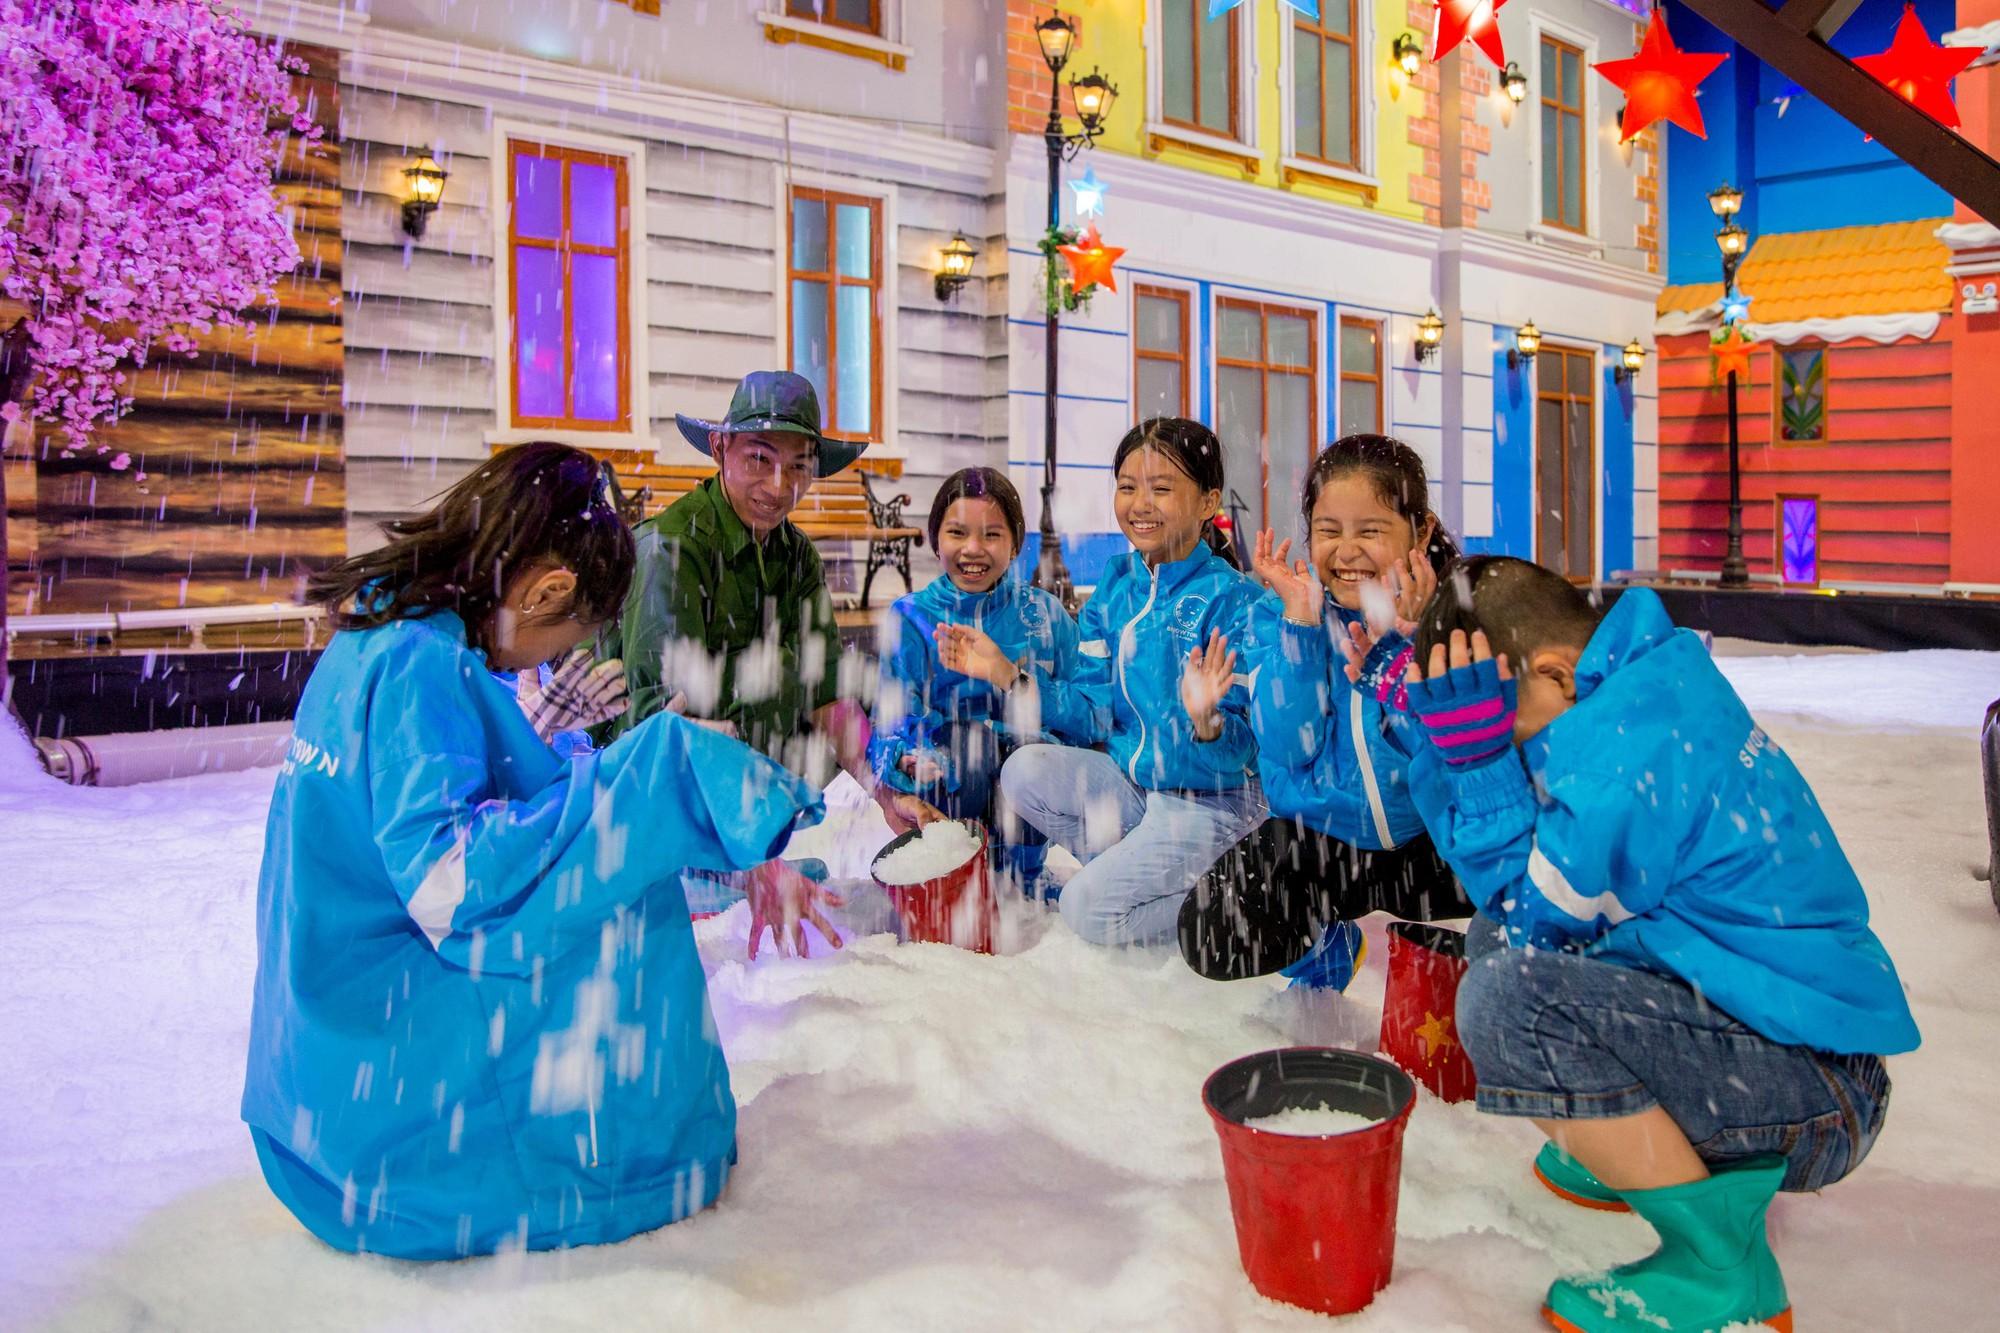 Hạ nhiệt lễ 30/4 tại căn cứ mùa đông Thị trấn Tuyết - Ảnh 5.